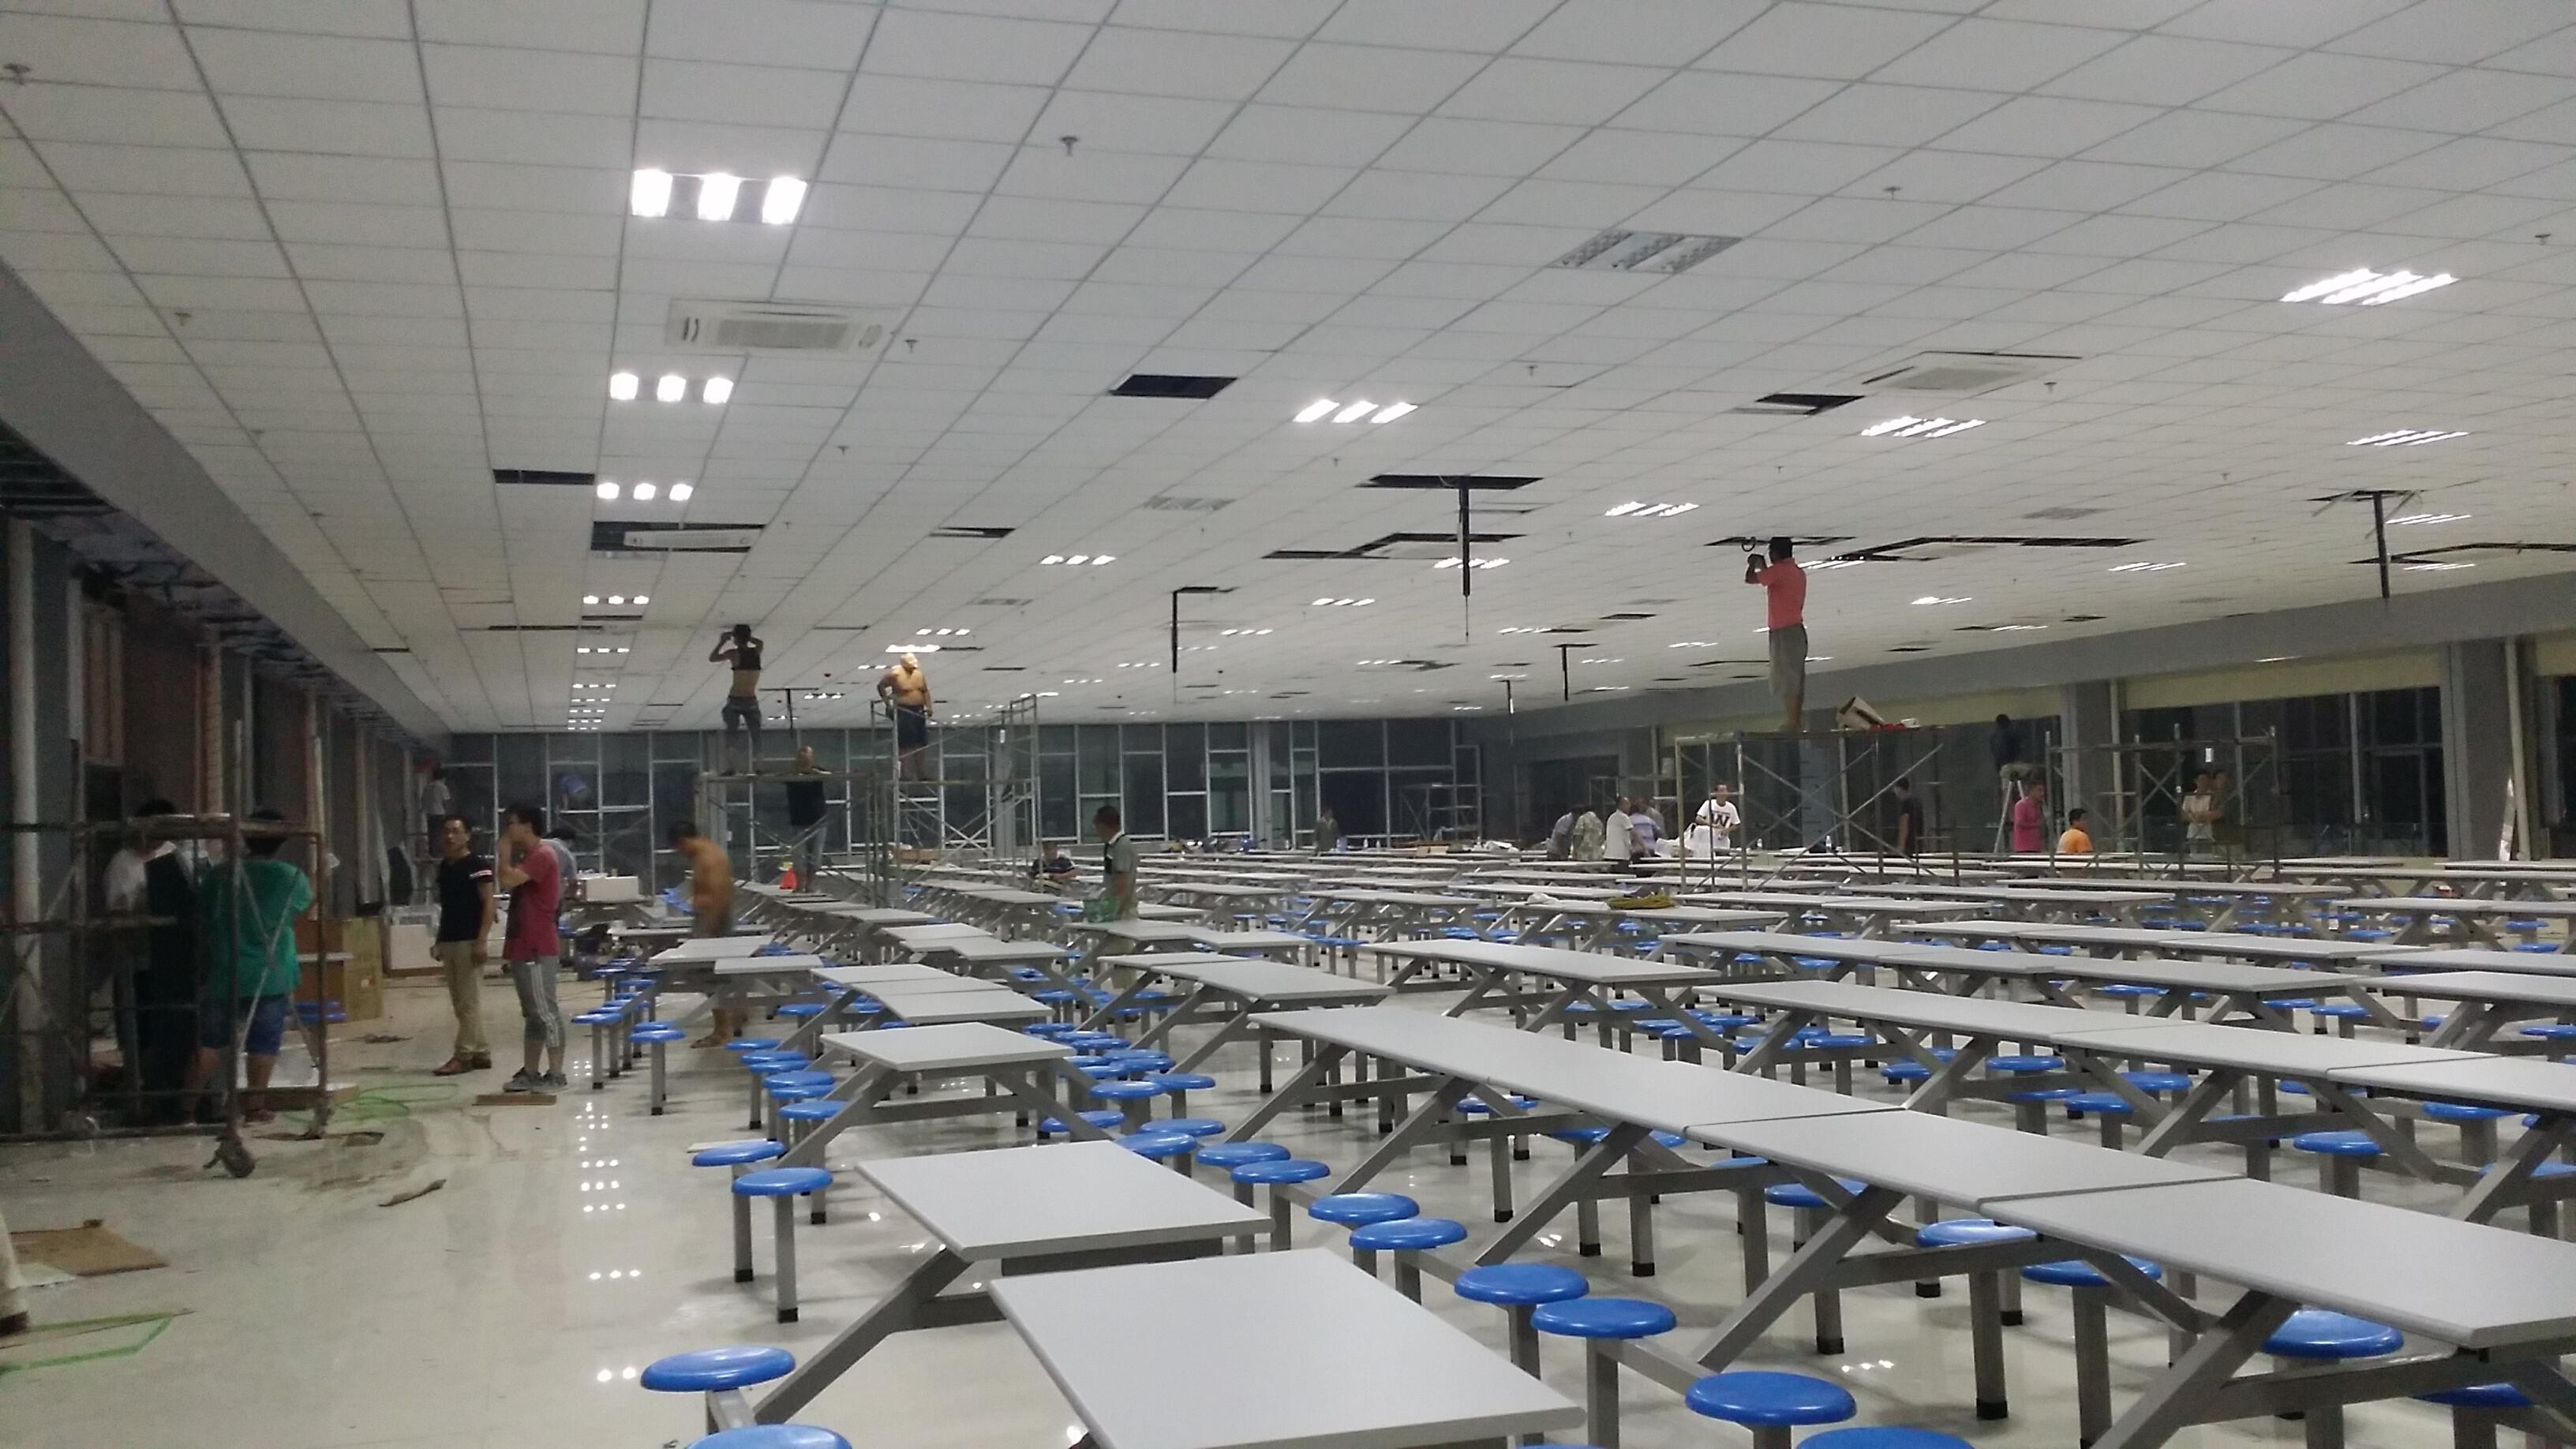 亚博体育app英超买球食堂扩建工程